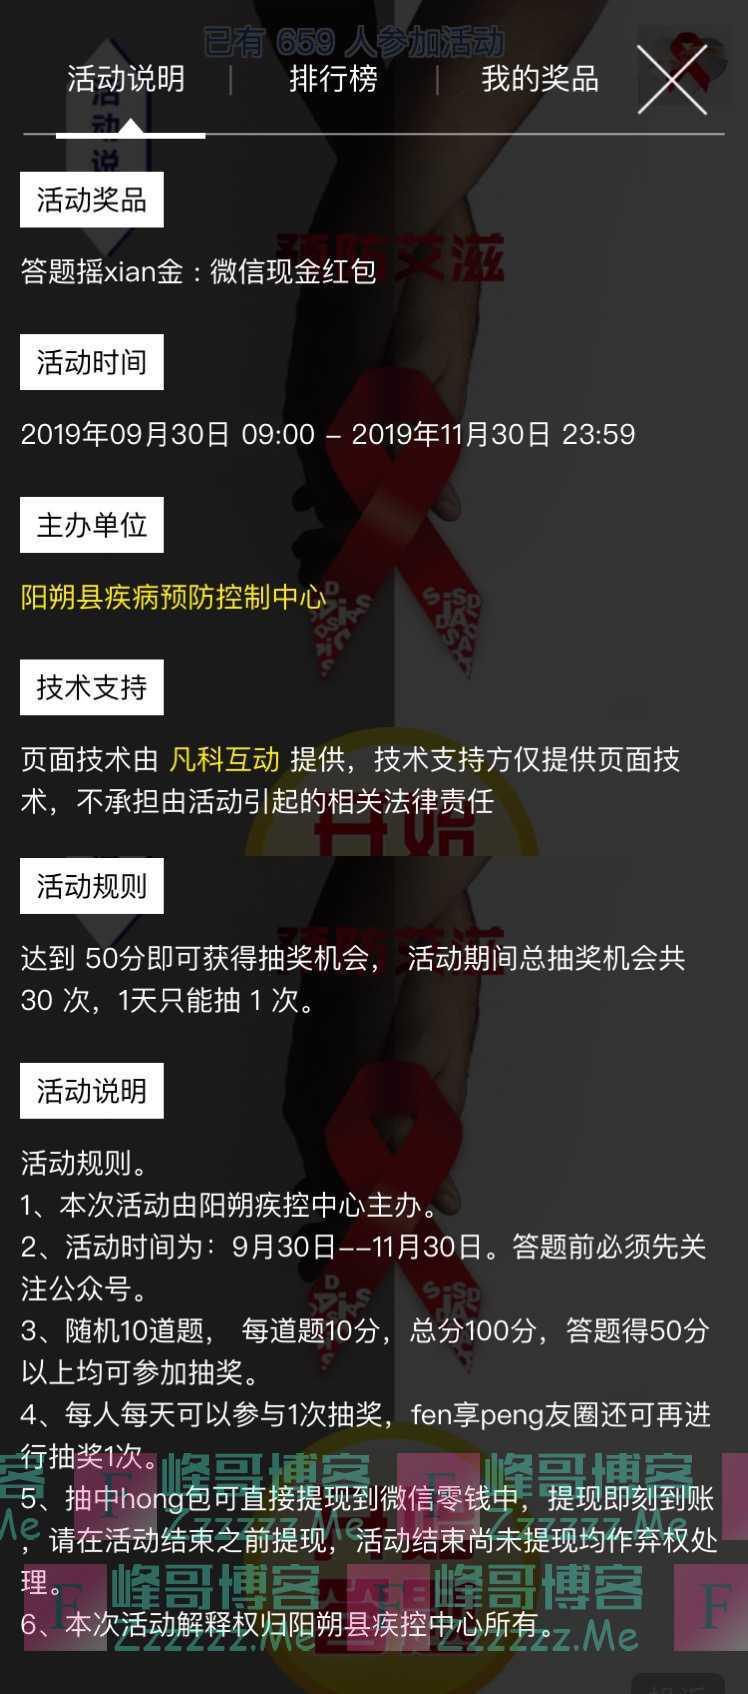 阳朔县疾病预防控制中心艾滋病预防知识有奖问答(11月30日)